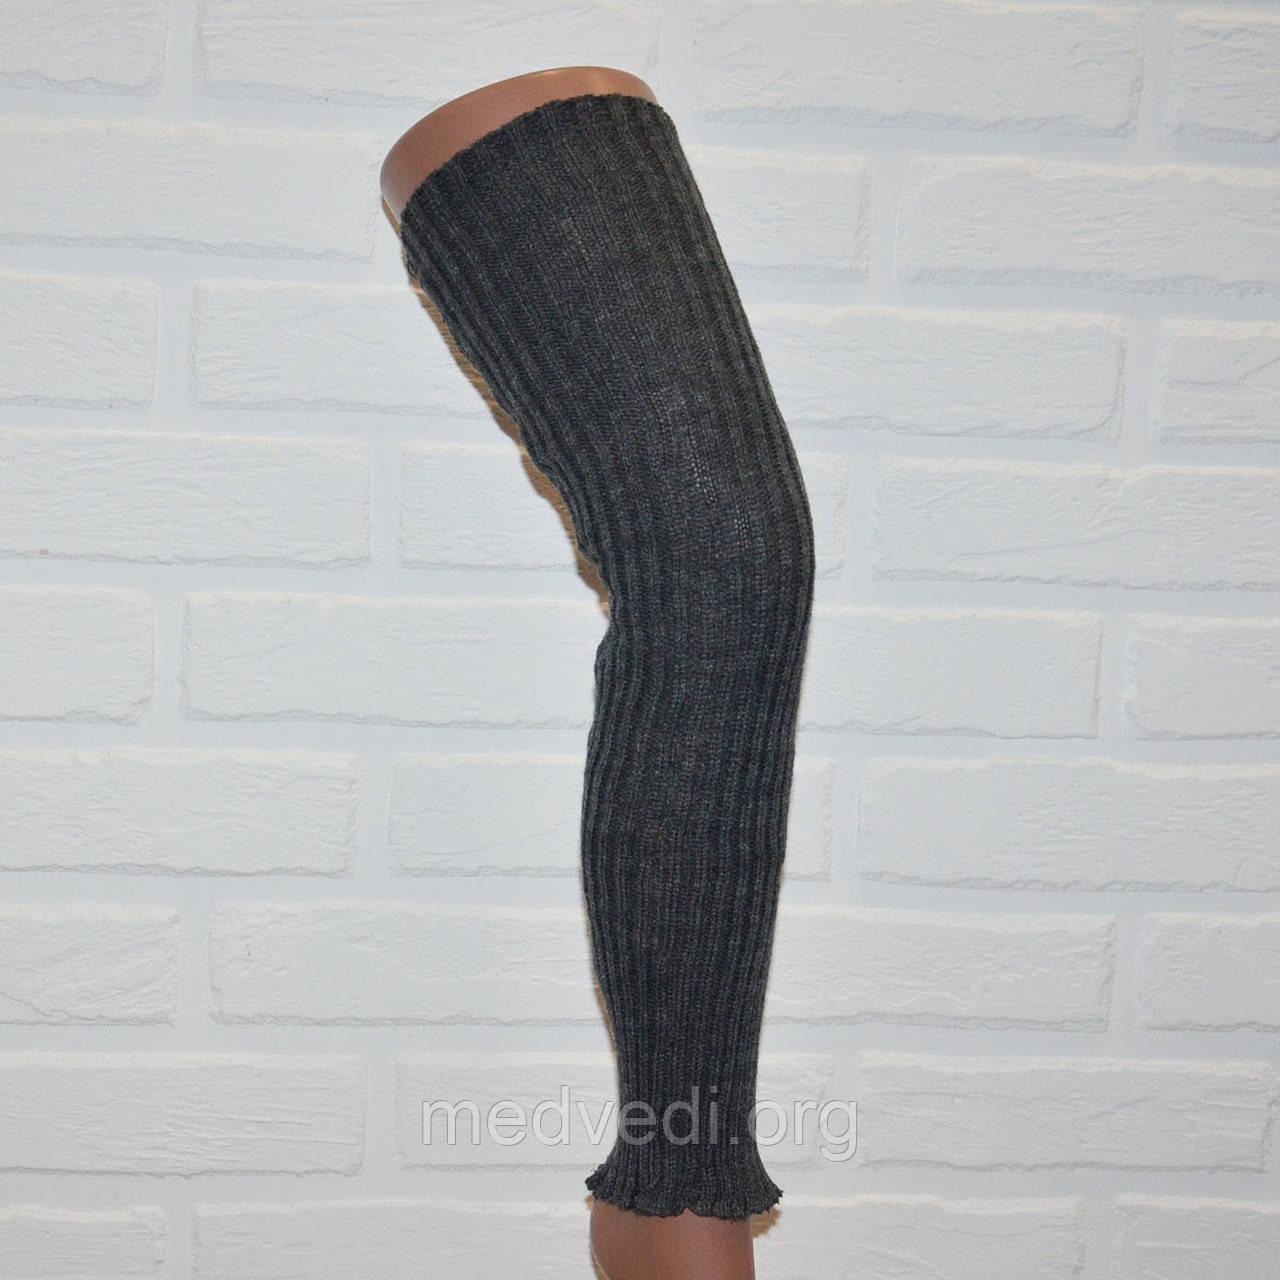 Темно-серые женские гетры 58 см с резинкой